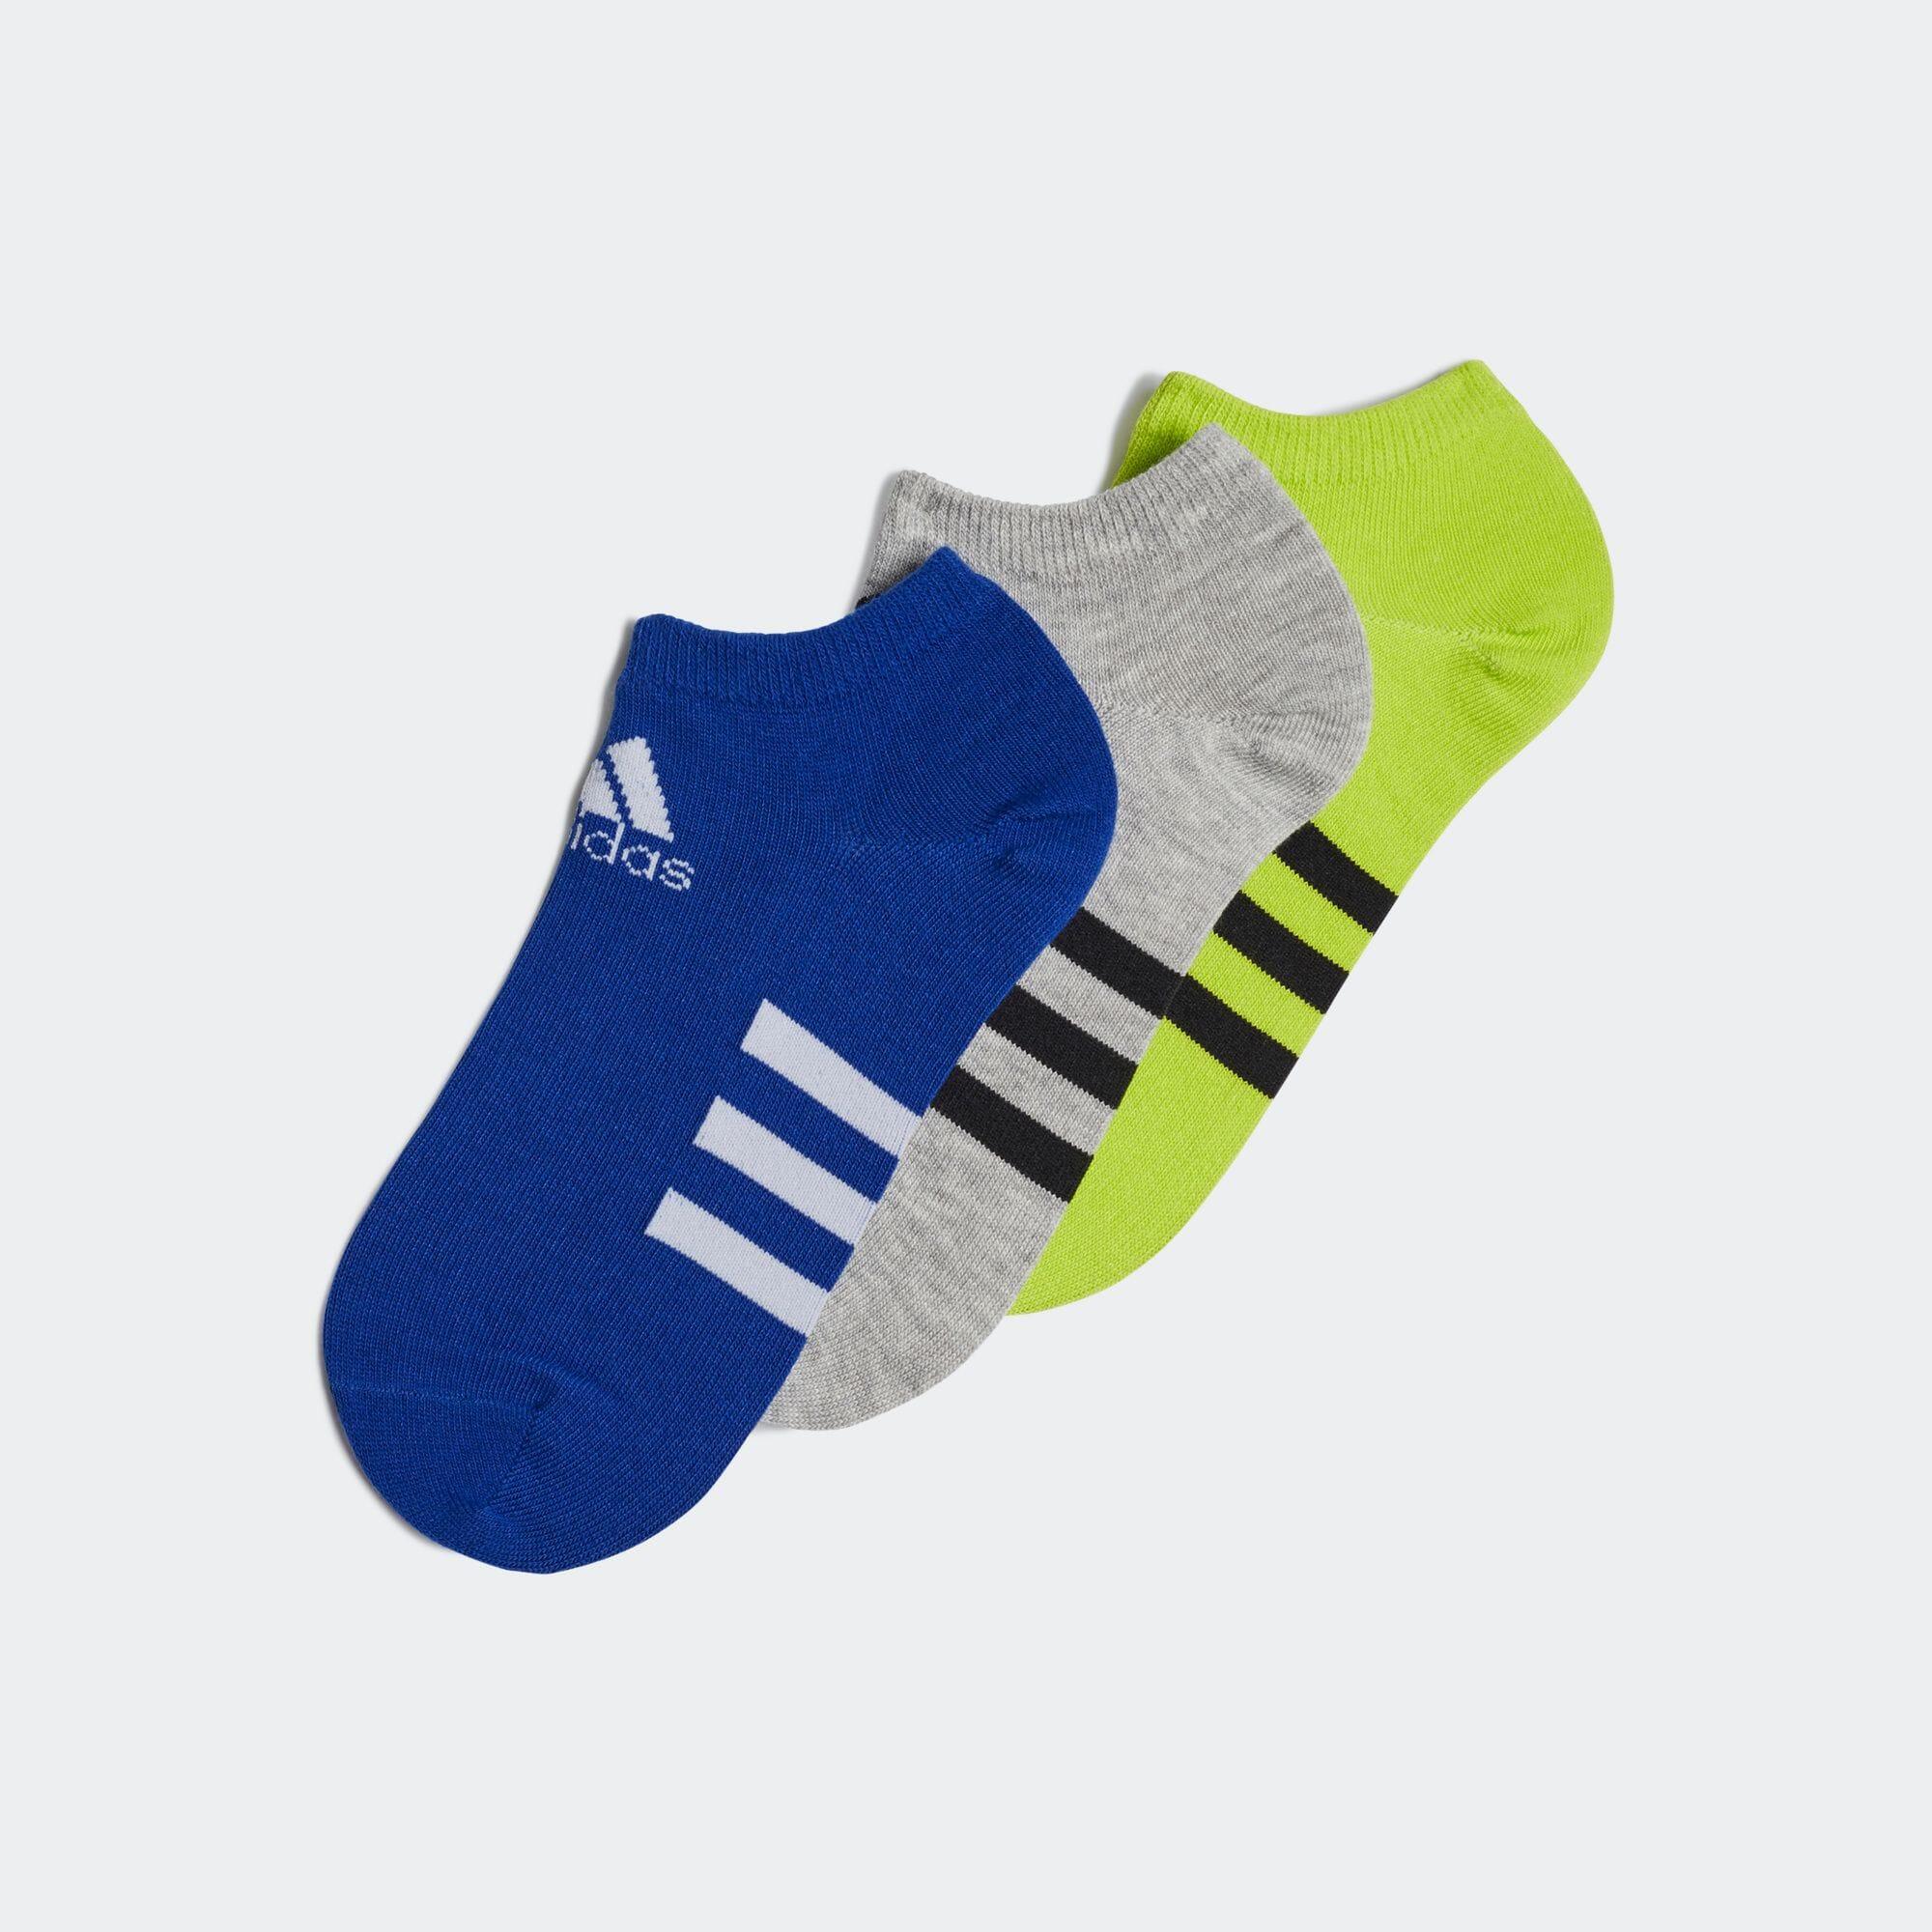 ローソックス 3足組 / Low Socks 3 Pairs